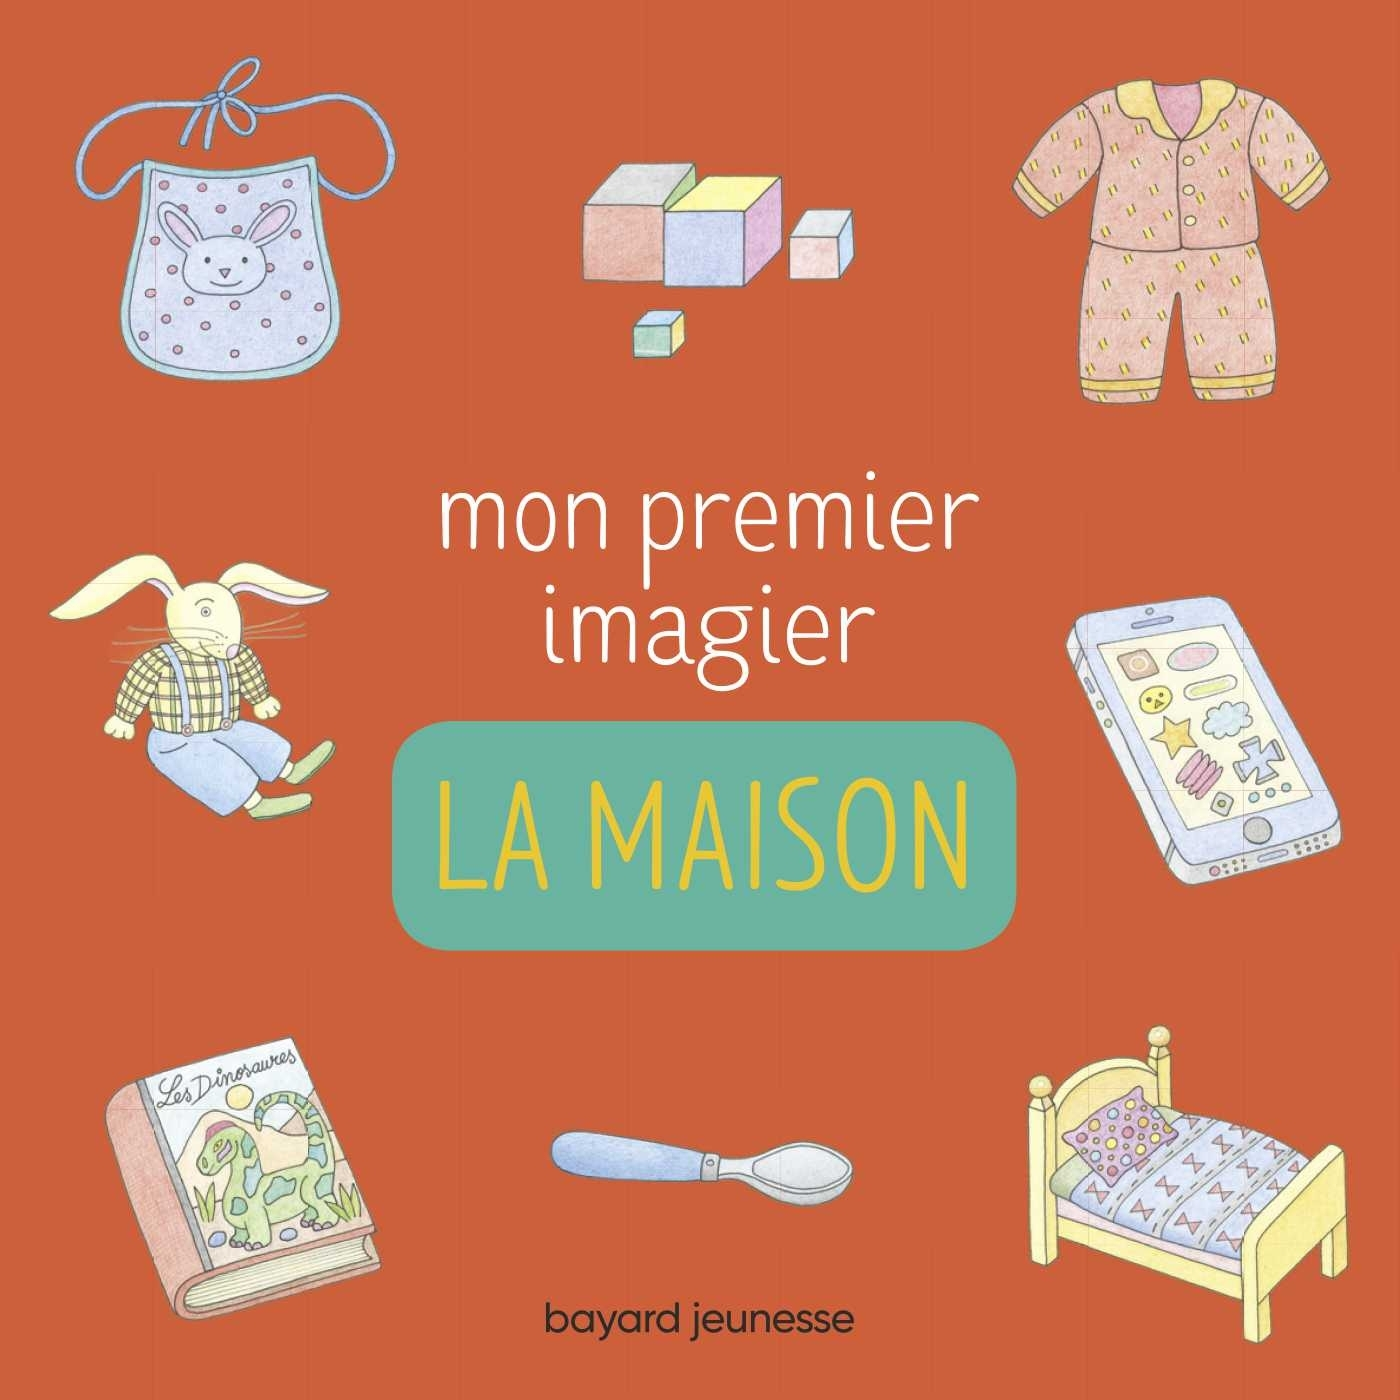 MON PREMIER IMAGIER - LA MAISON